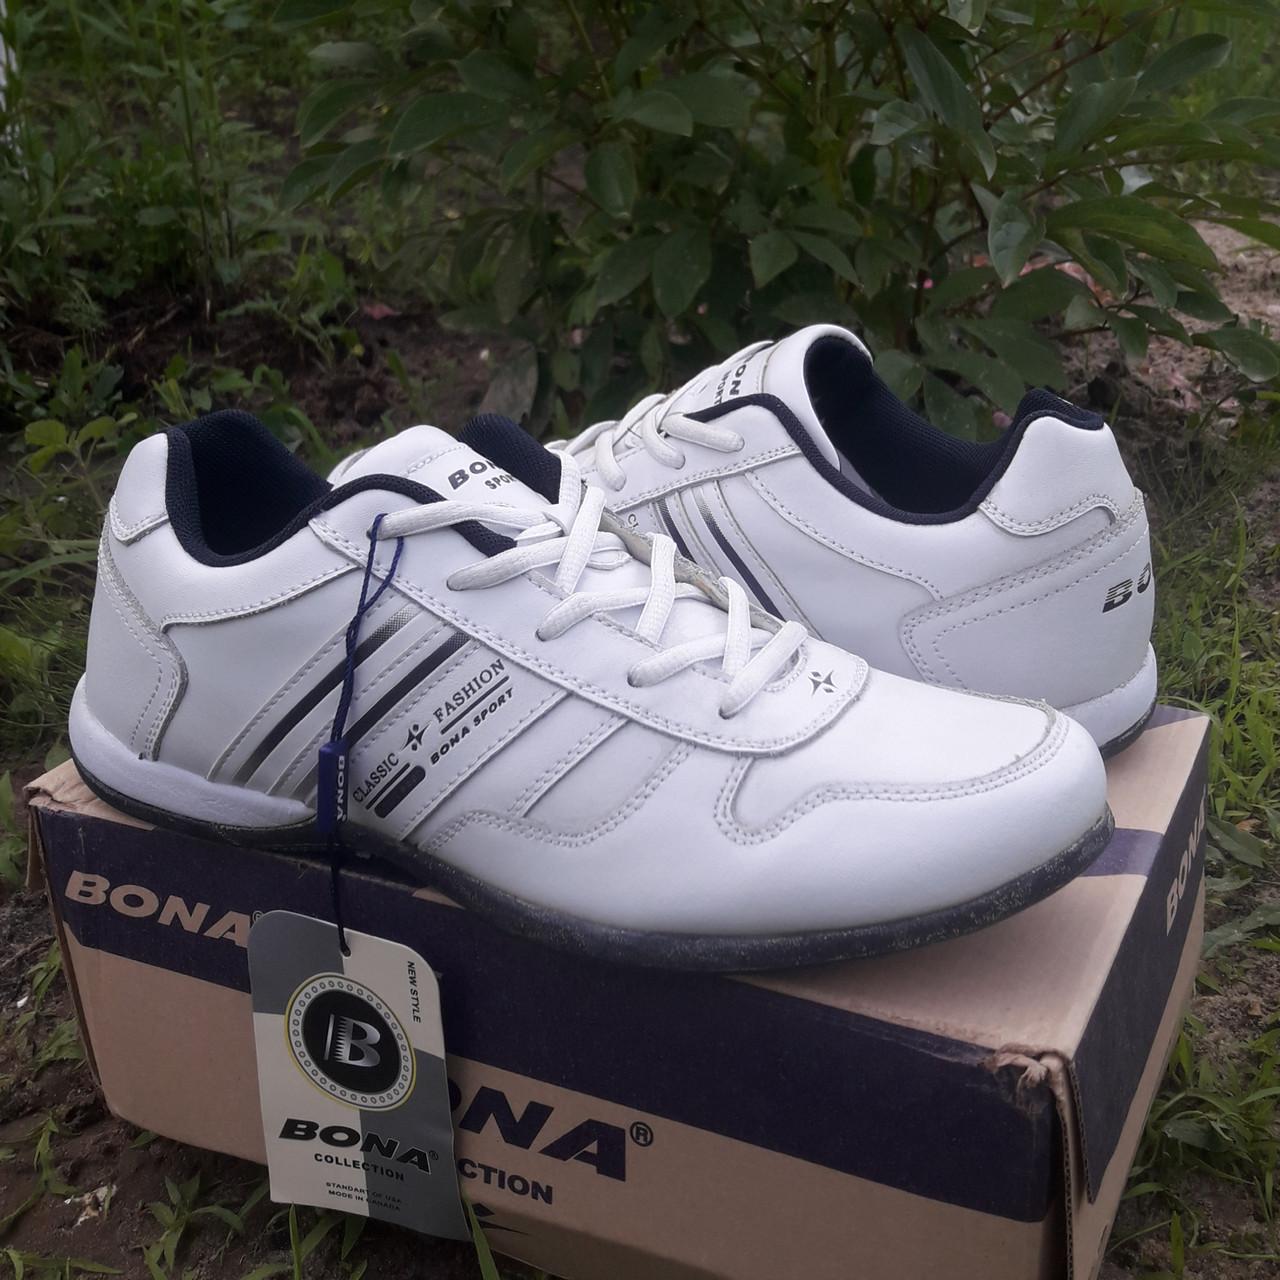 Кроссовки кожаные Bona р.43 белые